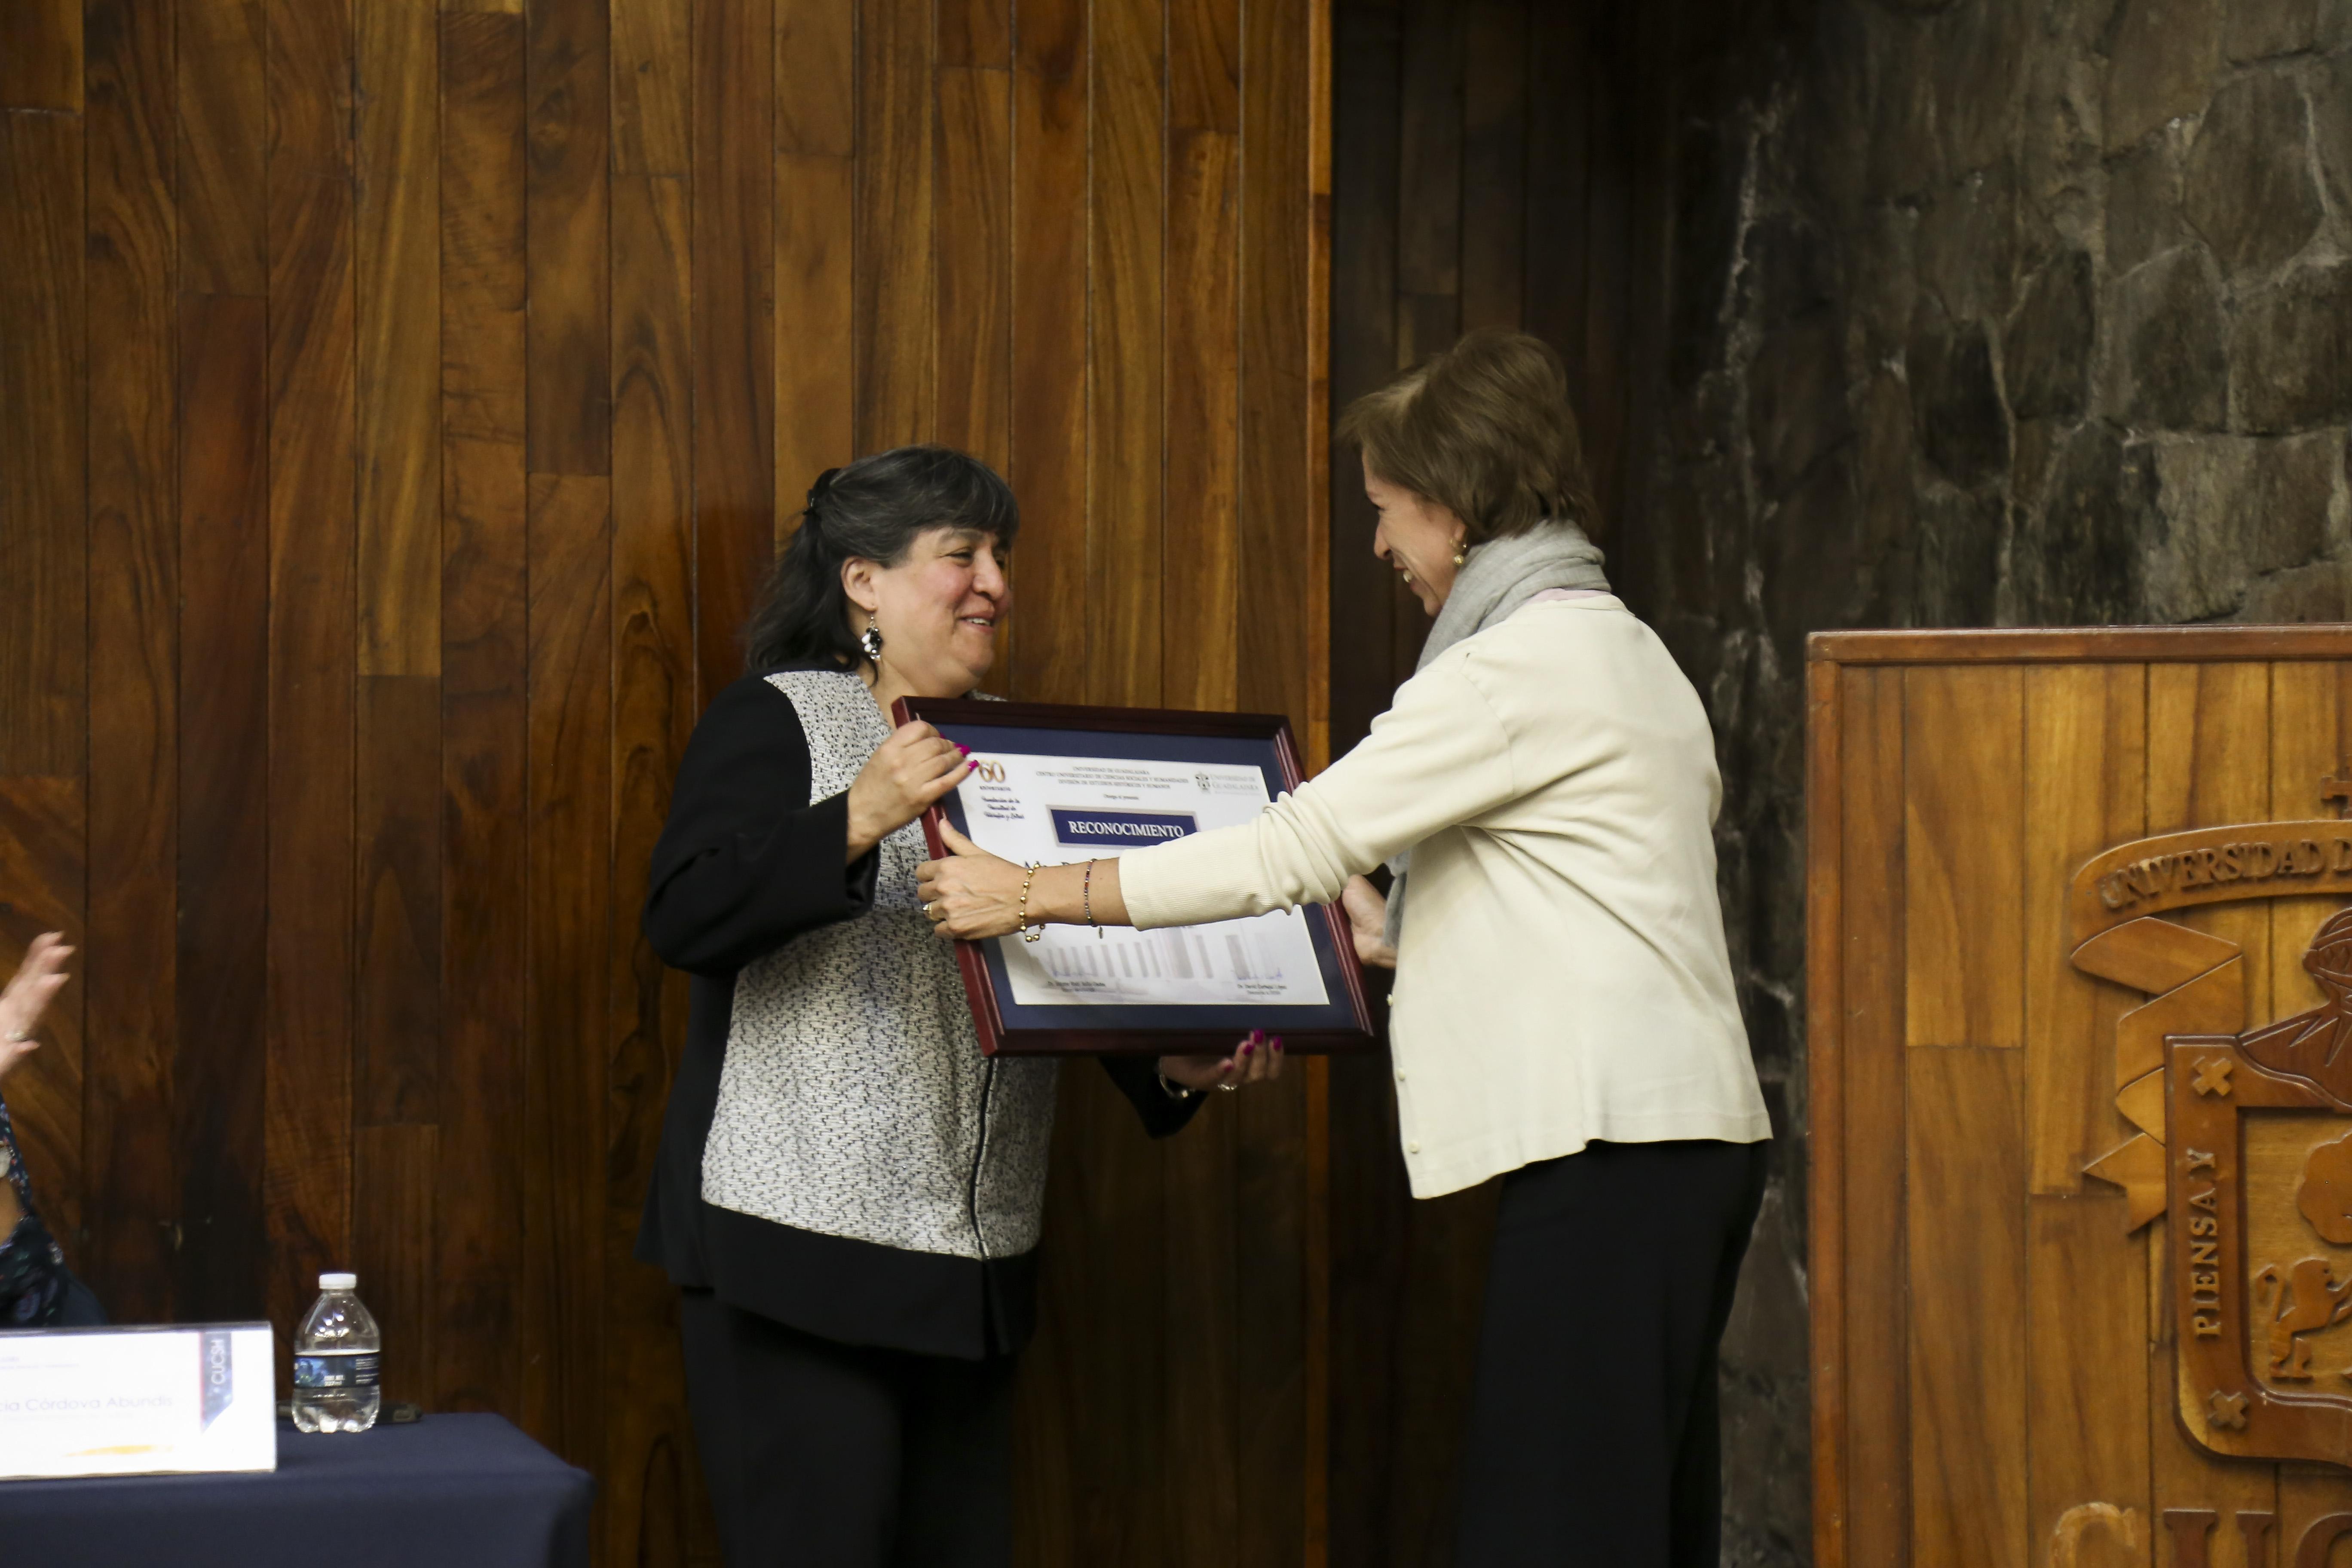 Académico recibiendo reconocimiento en el 60 aniversario de la carrera de Filosofía y Letras en CUCSH